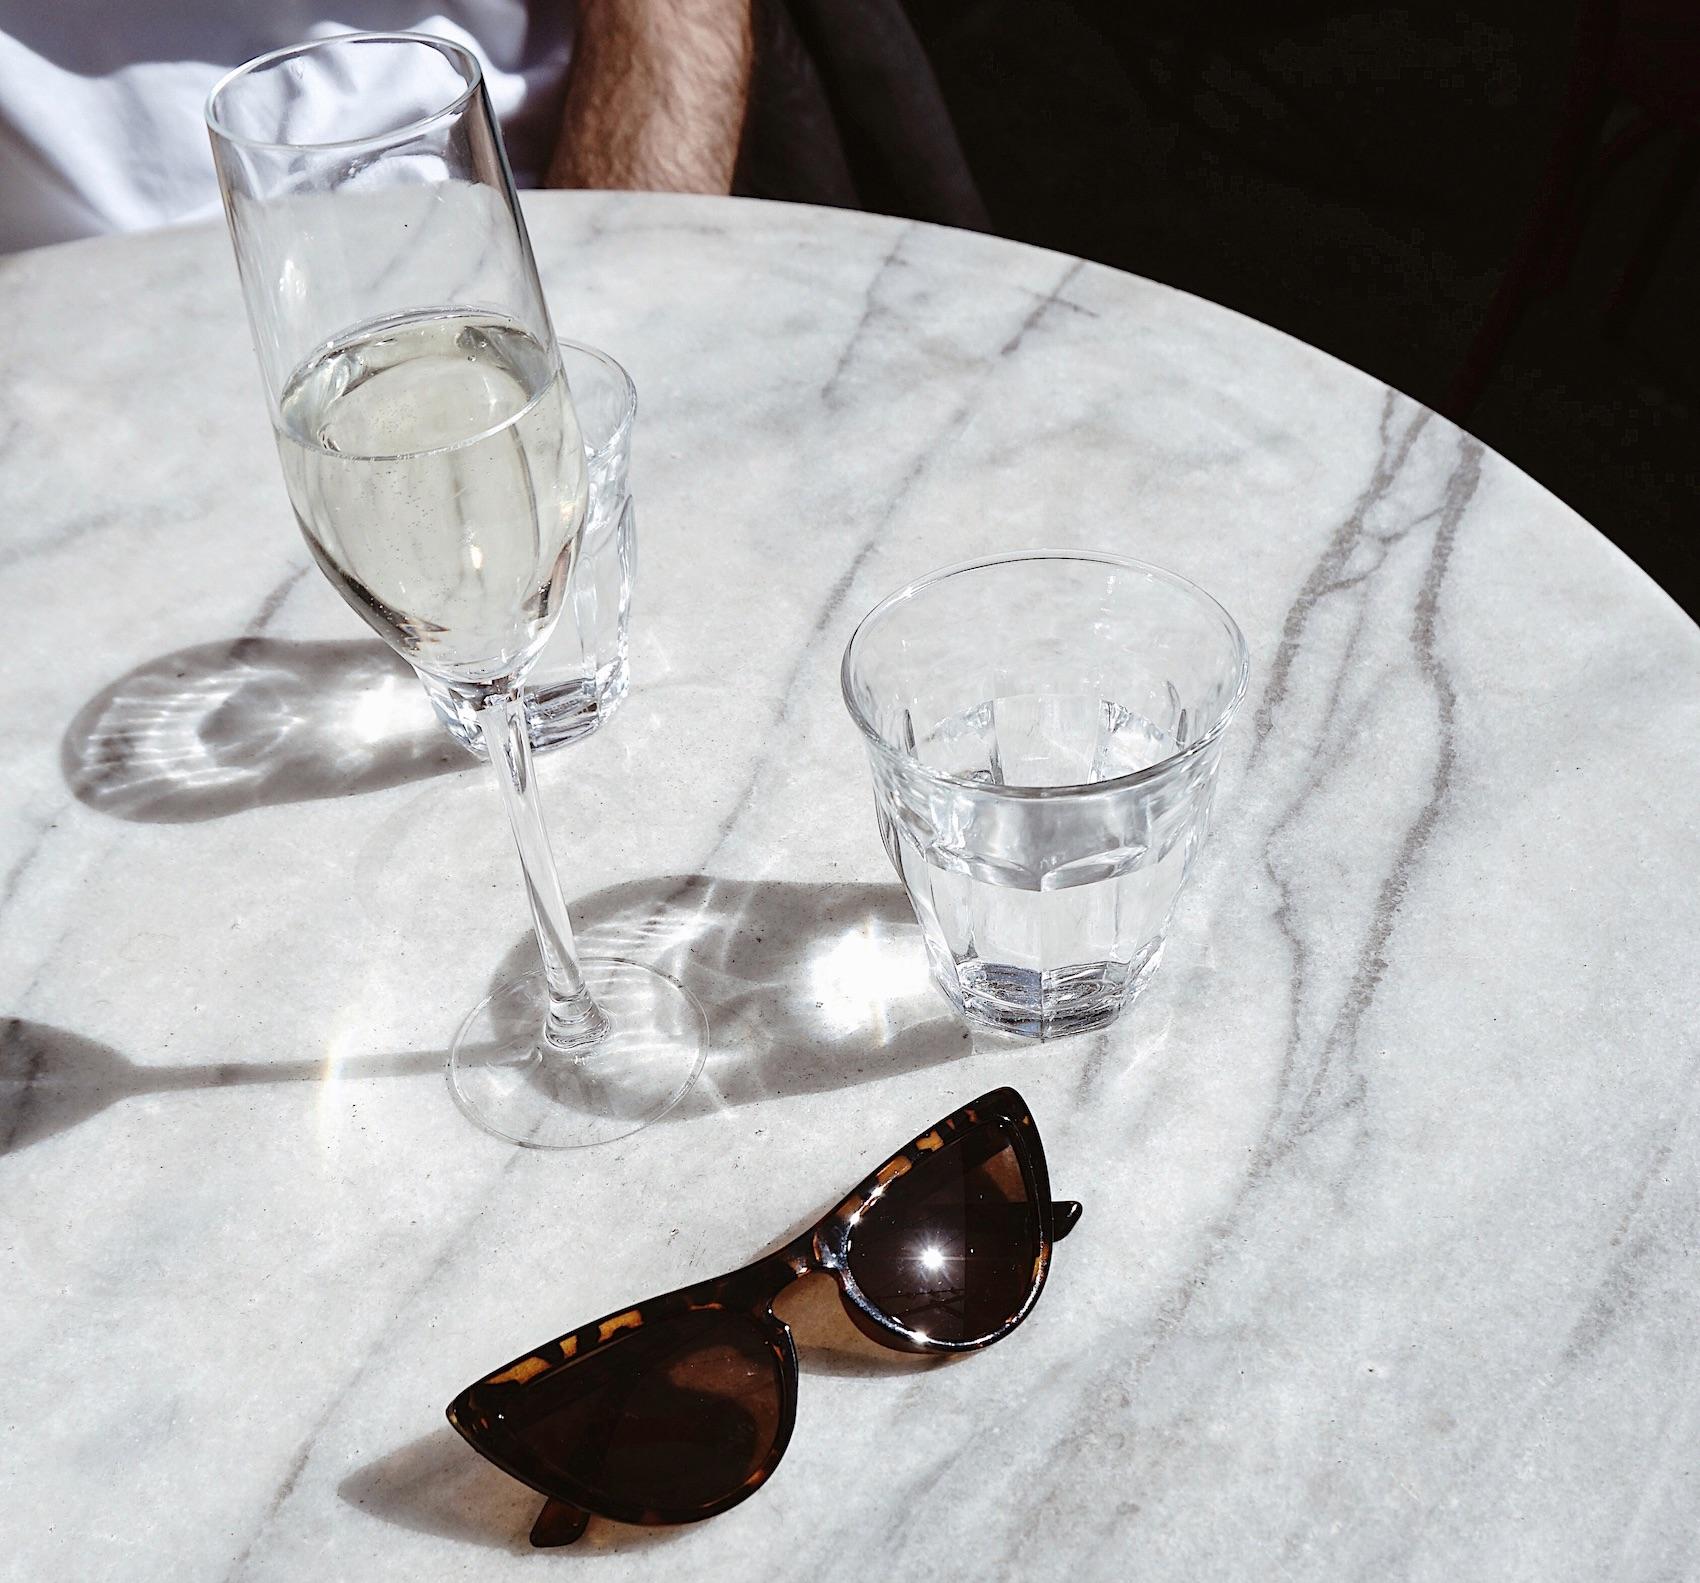 omslagsbild för glas hos designinredning